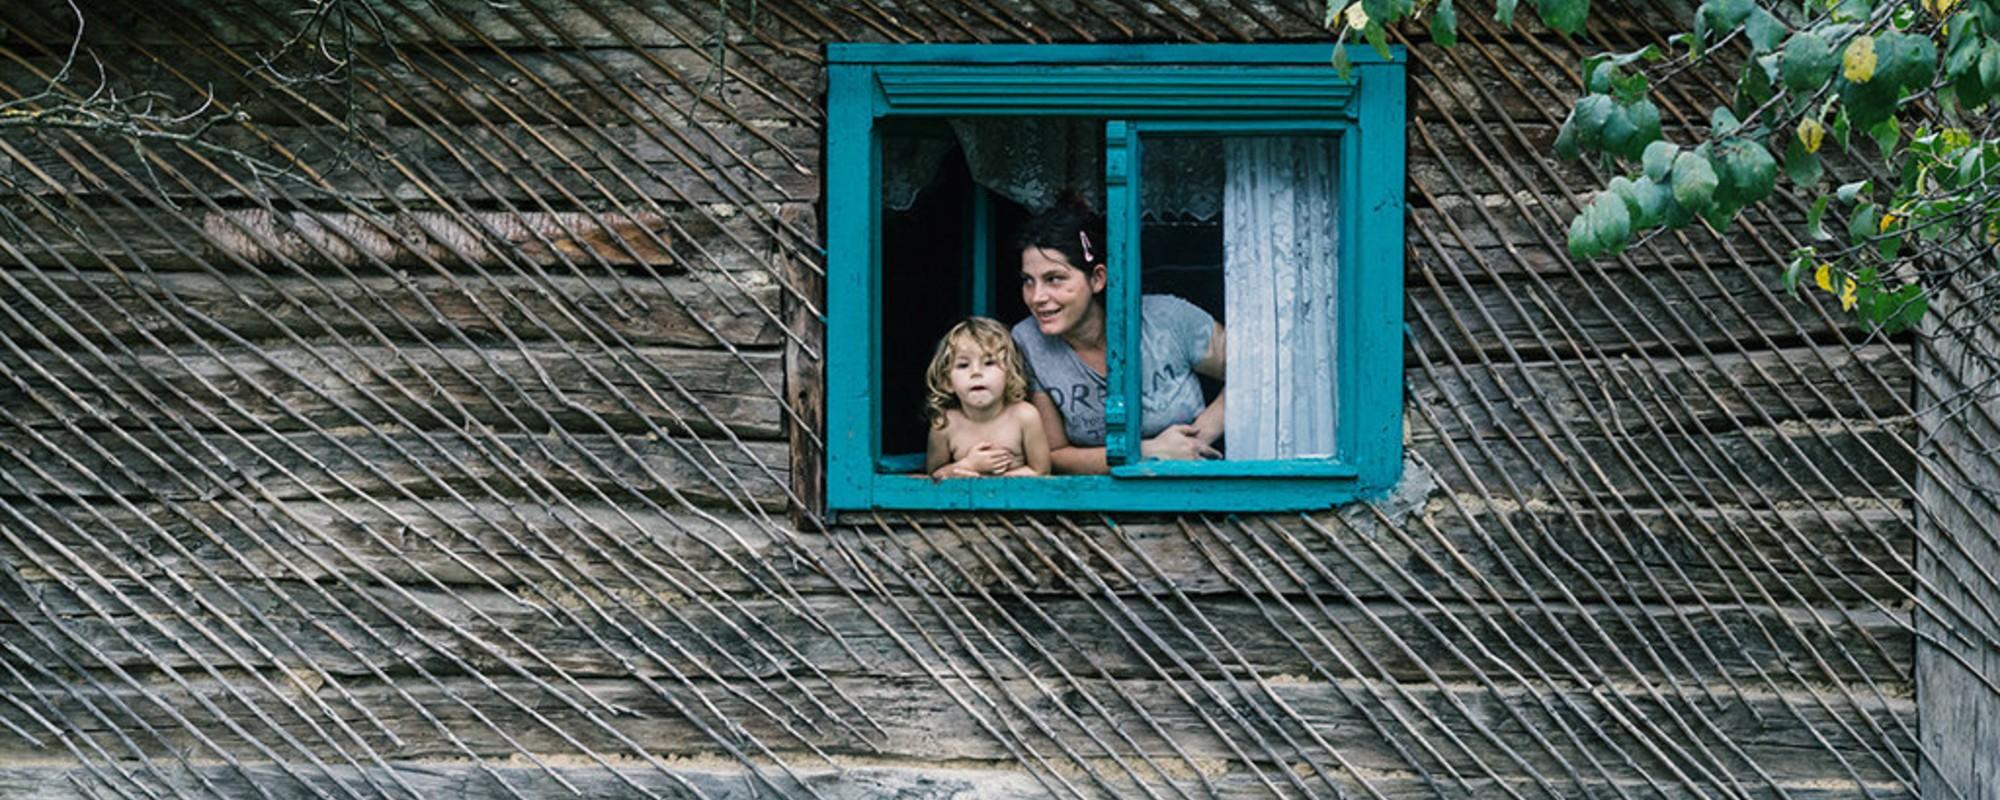 Fotografii din localitatea din România unde cetățenii nu știu dacă-s sârbi sau croați